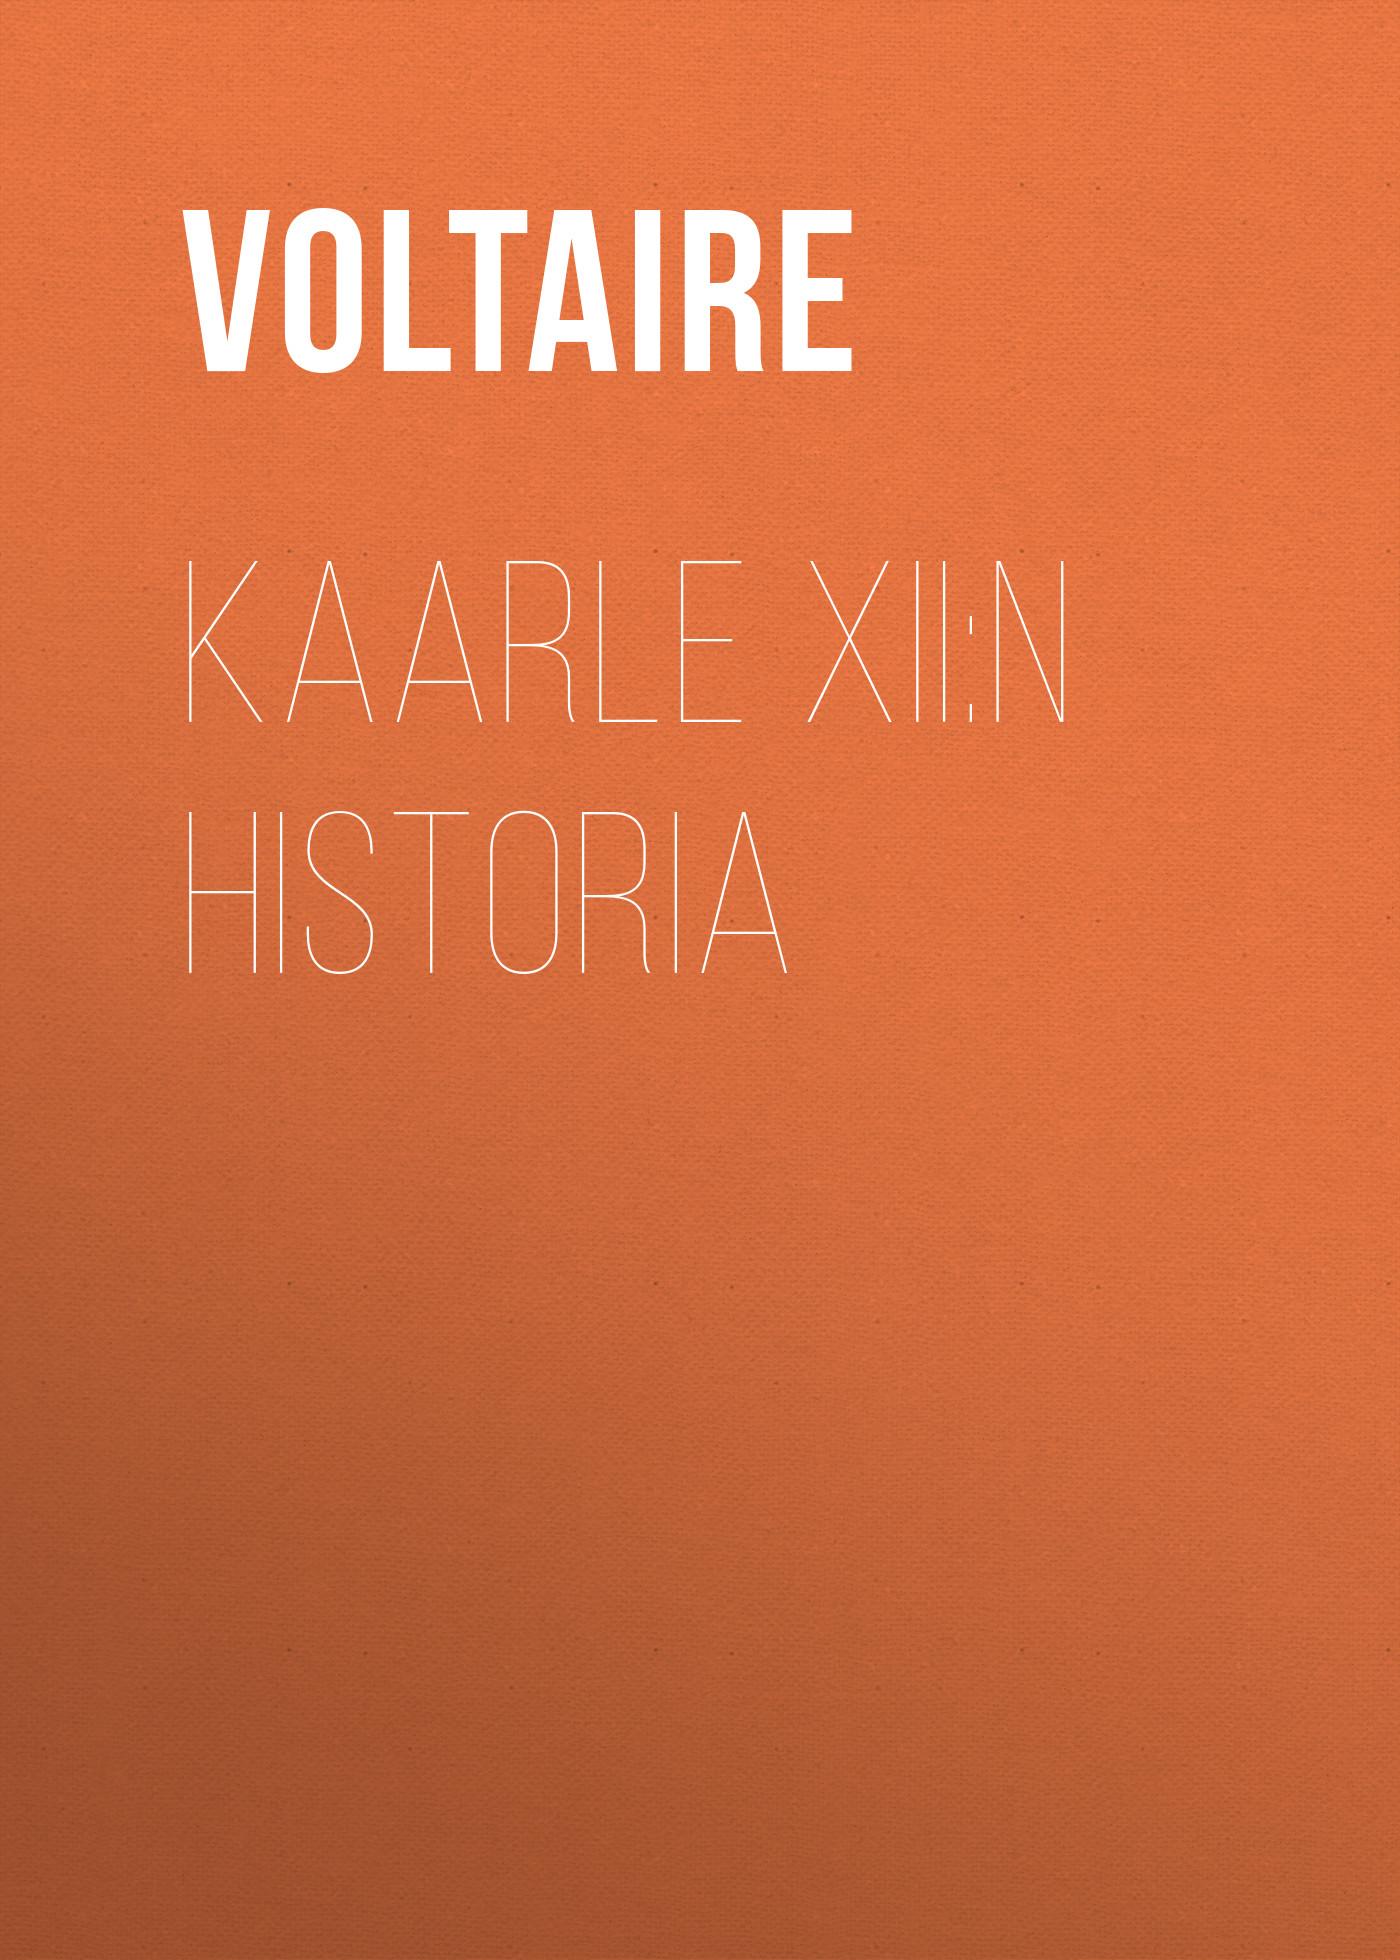 Kaarle XII:n historia